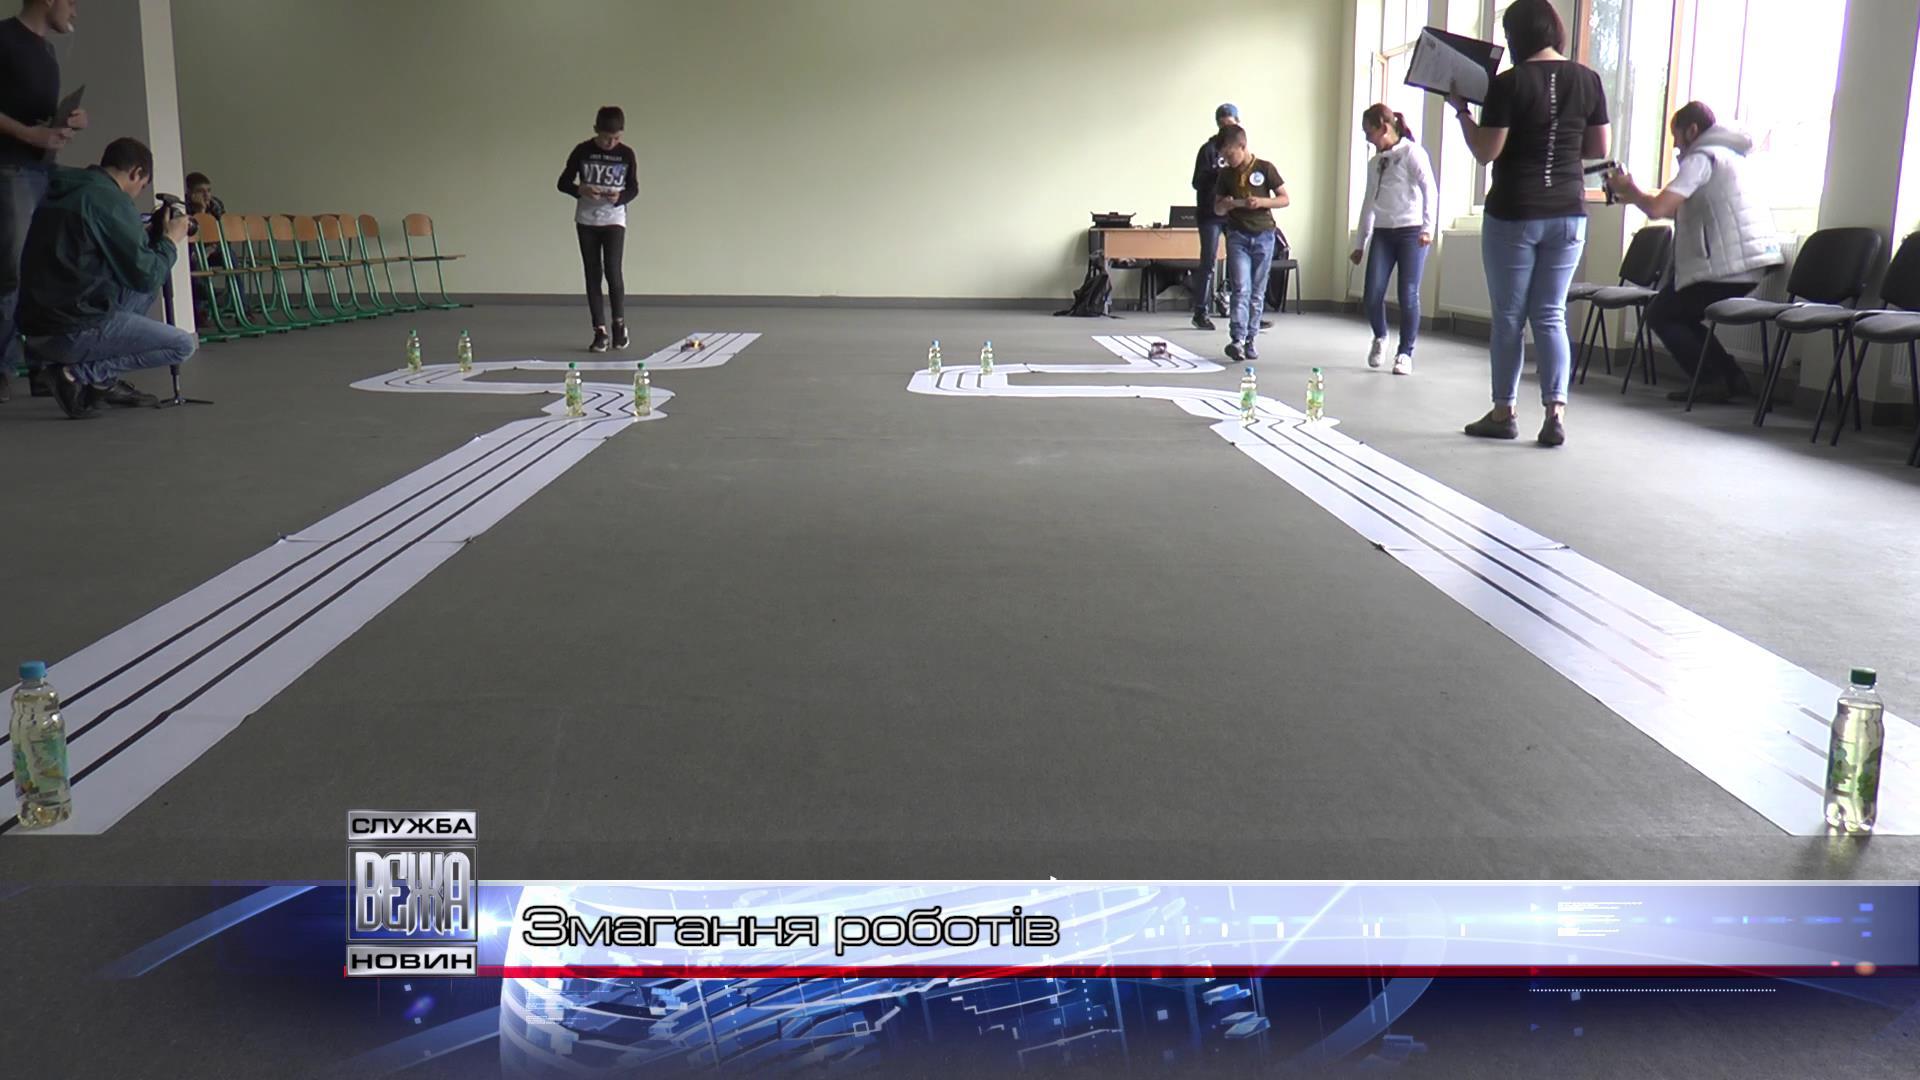 Змагання роботів[17-07-10]